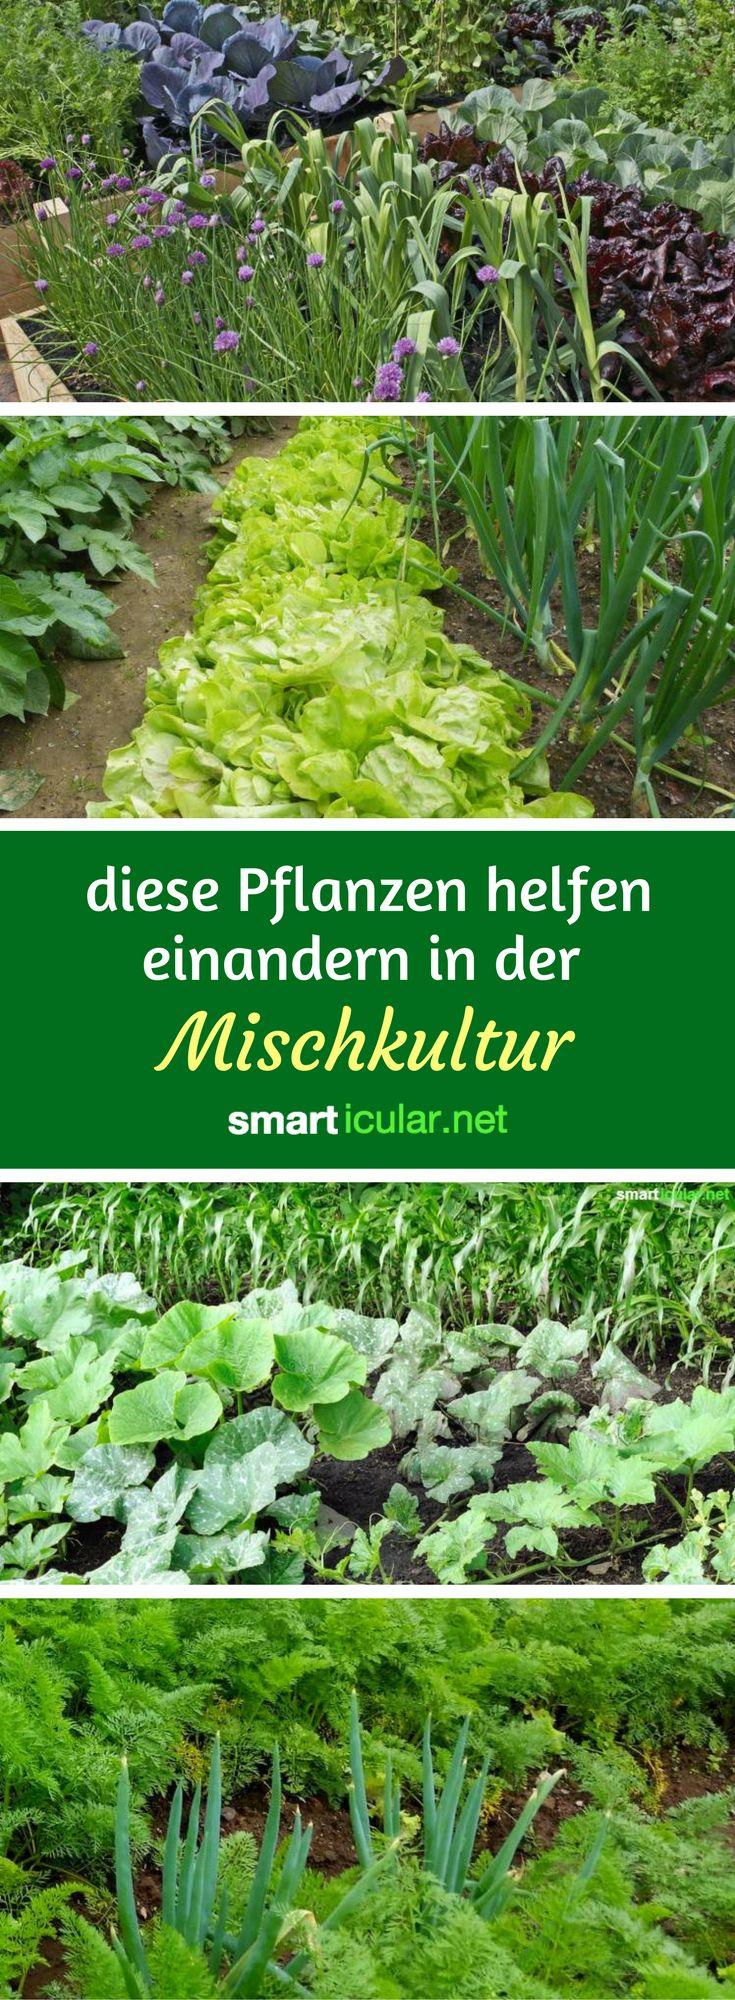 Design#5001629: 25+ best ideas about garten on pinterest | buy tools, tool rack .... Dunger Fur Den Garten Pflanzen Kuche